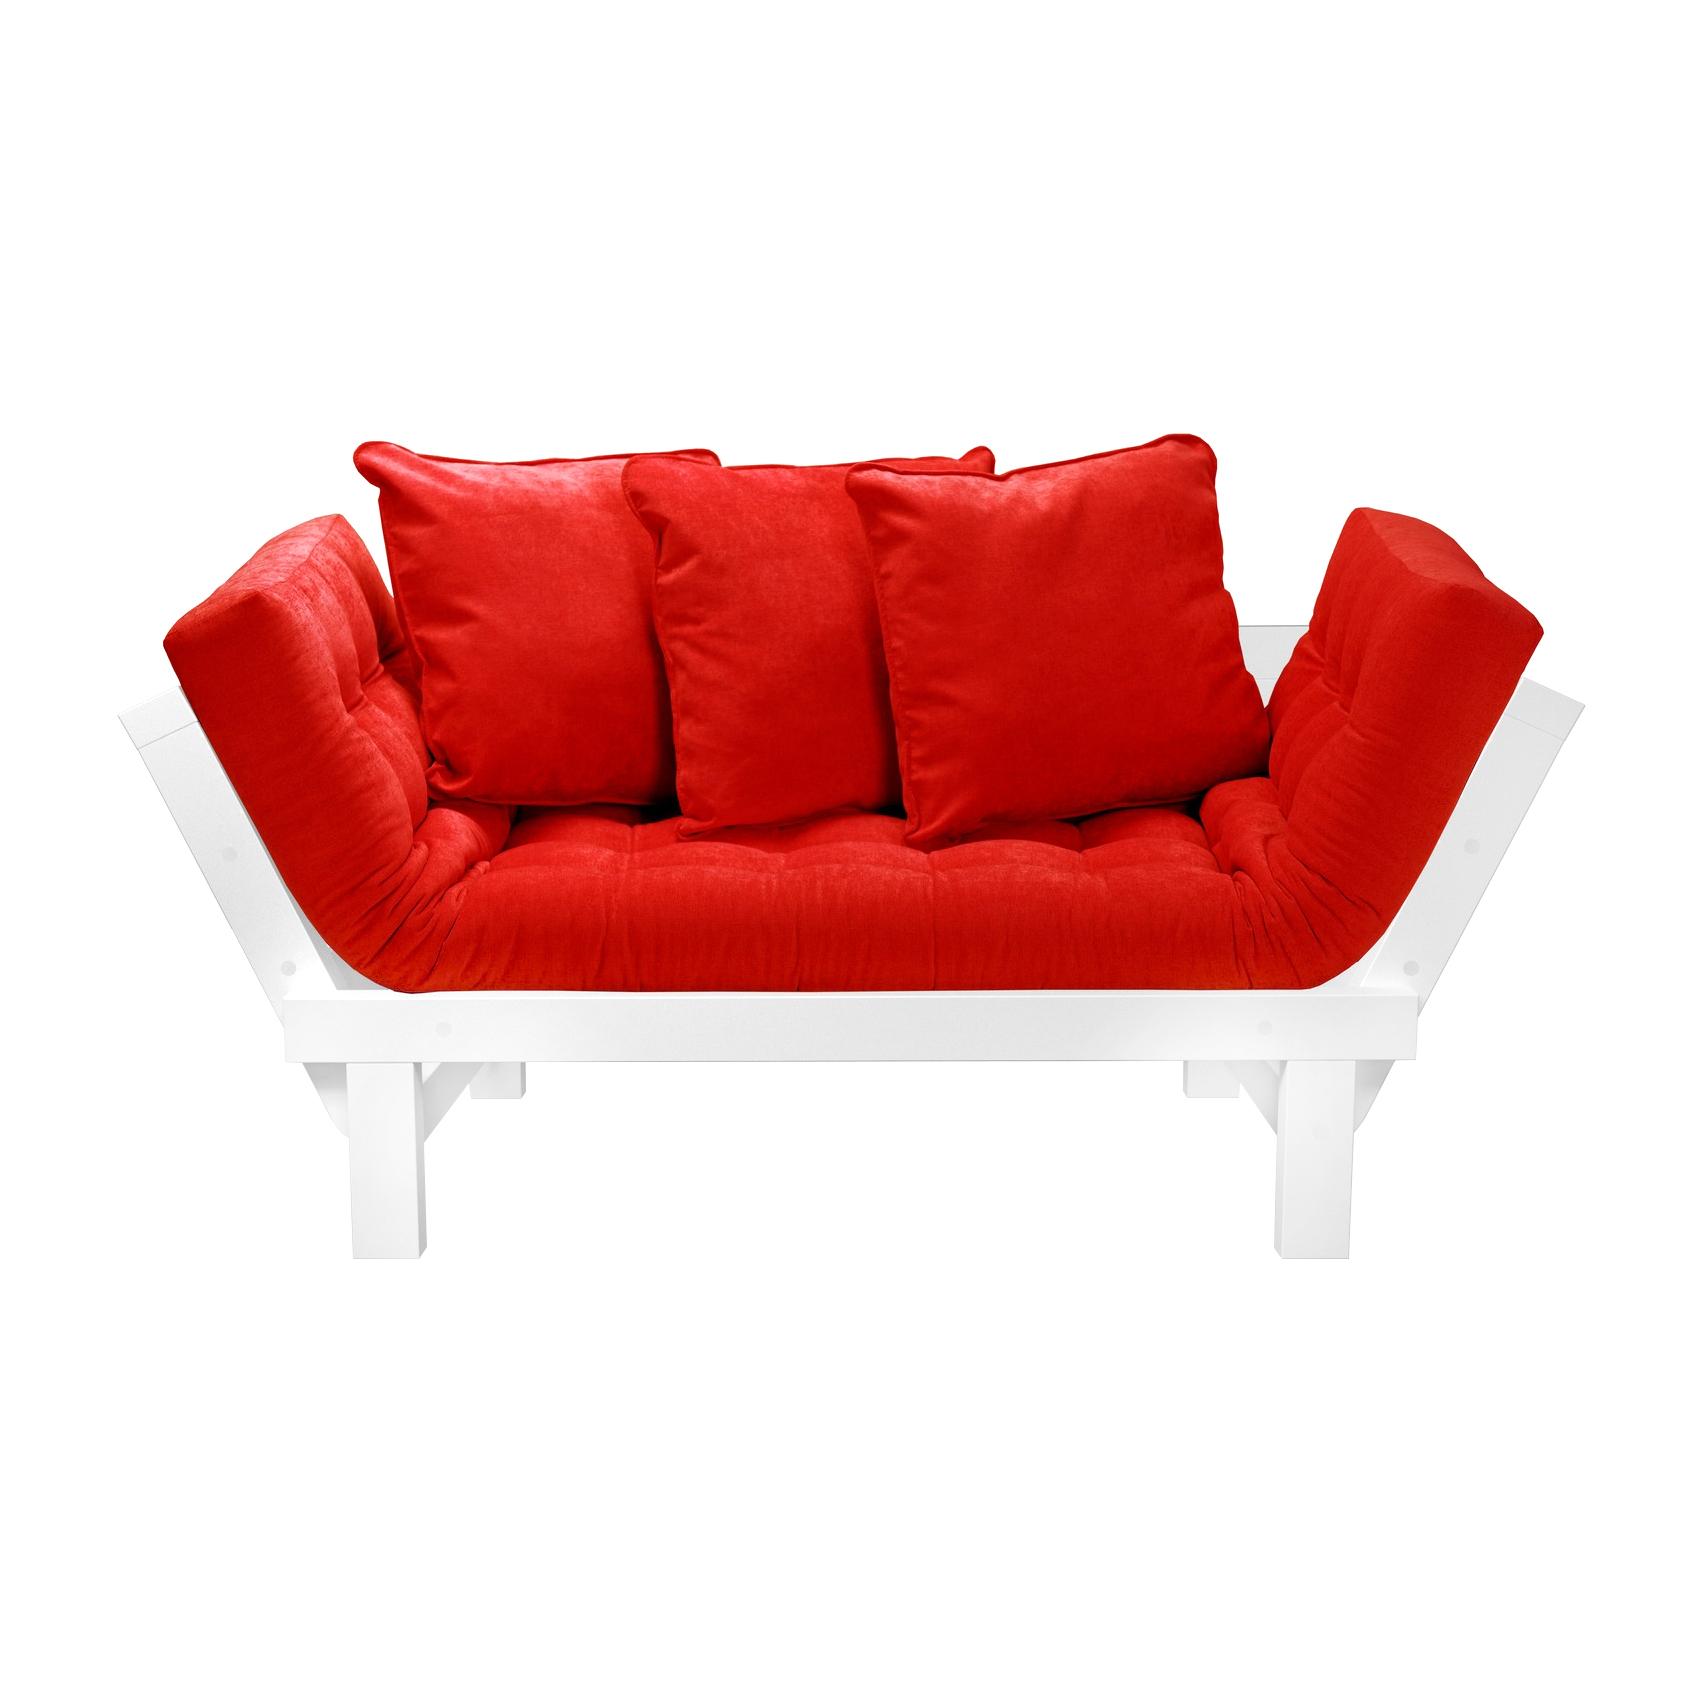 Кушетка AS Санди 158x77x61 белый/красный кушетки